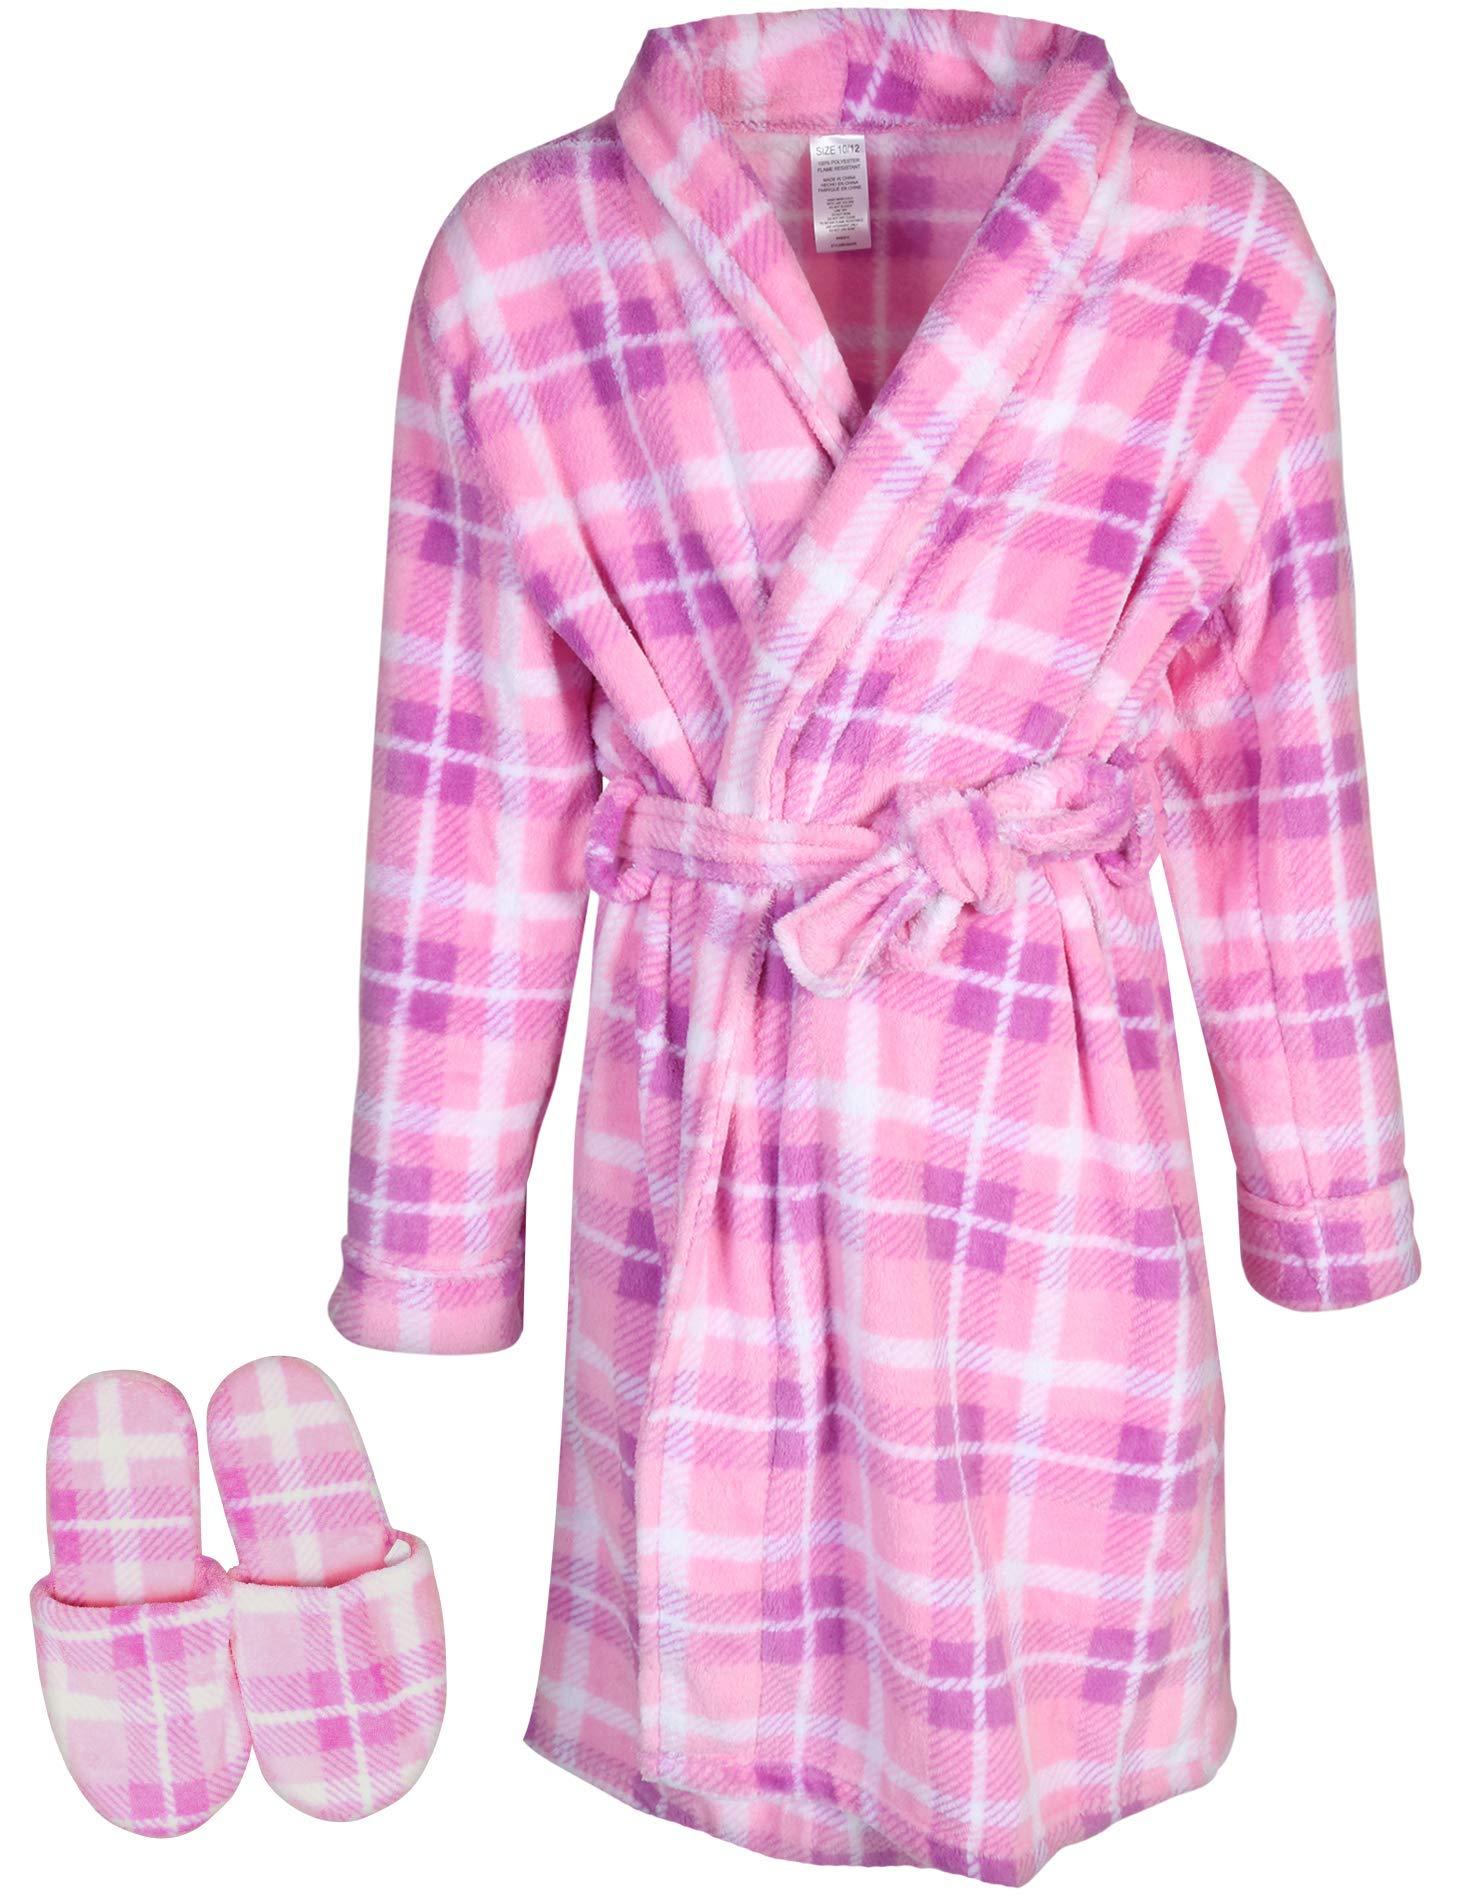 Sleep & Co Big Girls Fleece Robe Slippers Set, Plaid Pink, 10/12'